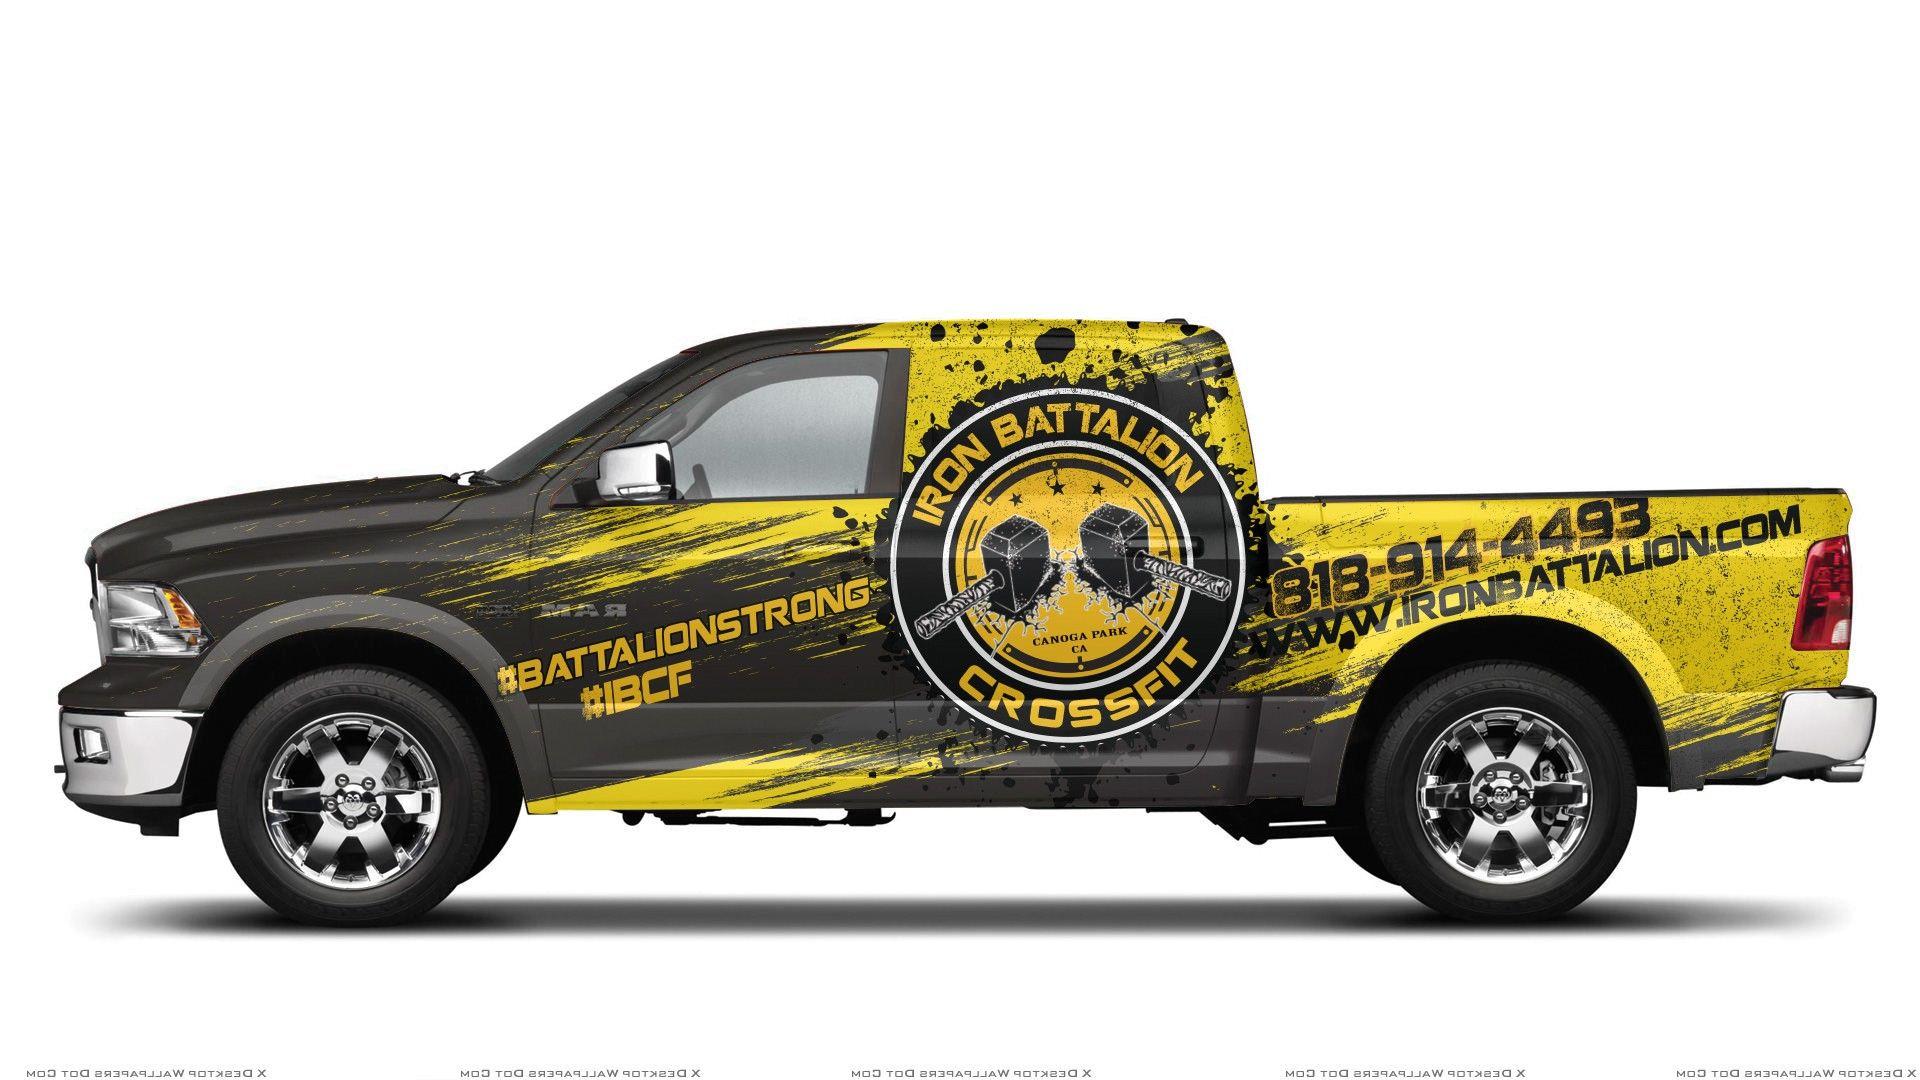 Ram 1500 Wrap For Iron Battalion Crossfit 99designs Car Wrap Design Truck Wraps Graphics Car Wrap [ 1080 x 1920 Pixel ]